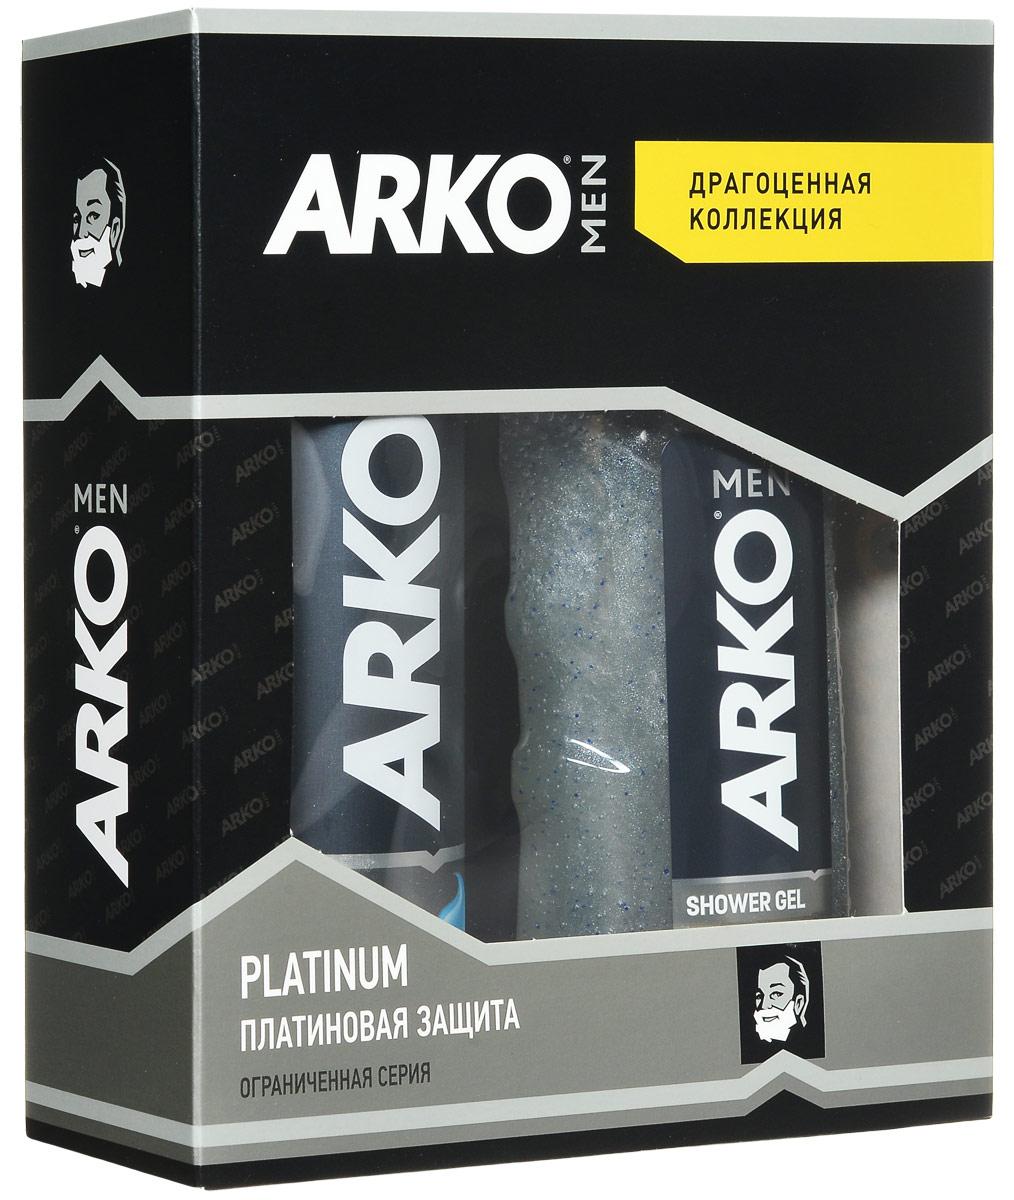 Arko Platinum: ГЕЛЬ 200мл+ГЕЛЬ для душа 250млGESS-131Гель для бритья уменьшает риск возникновения жжения кожи от бритья, благодаря формуле алое вера и маслом лаванды, для мужчин с чувствительной кожей.